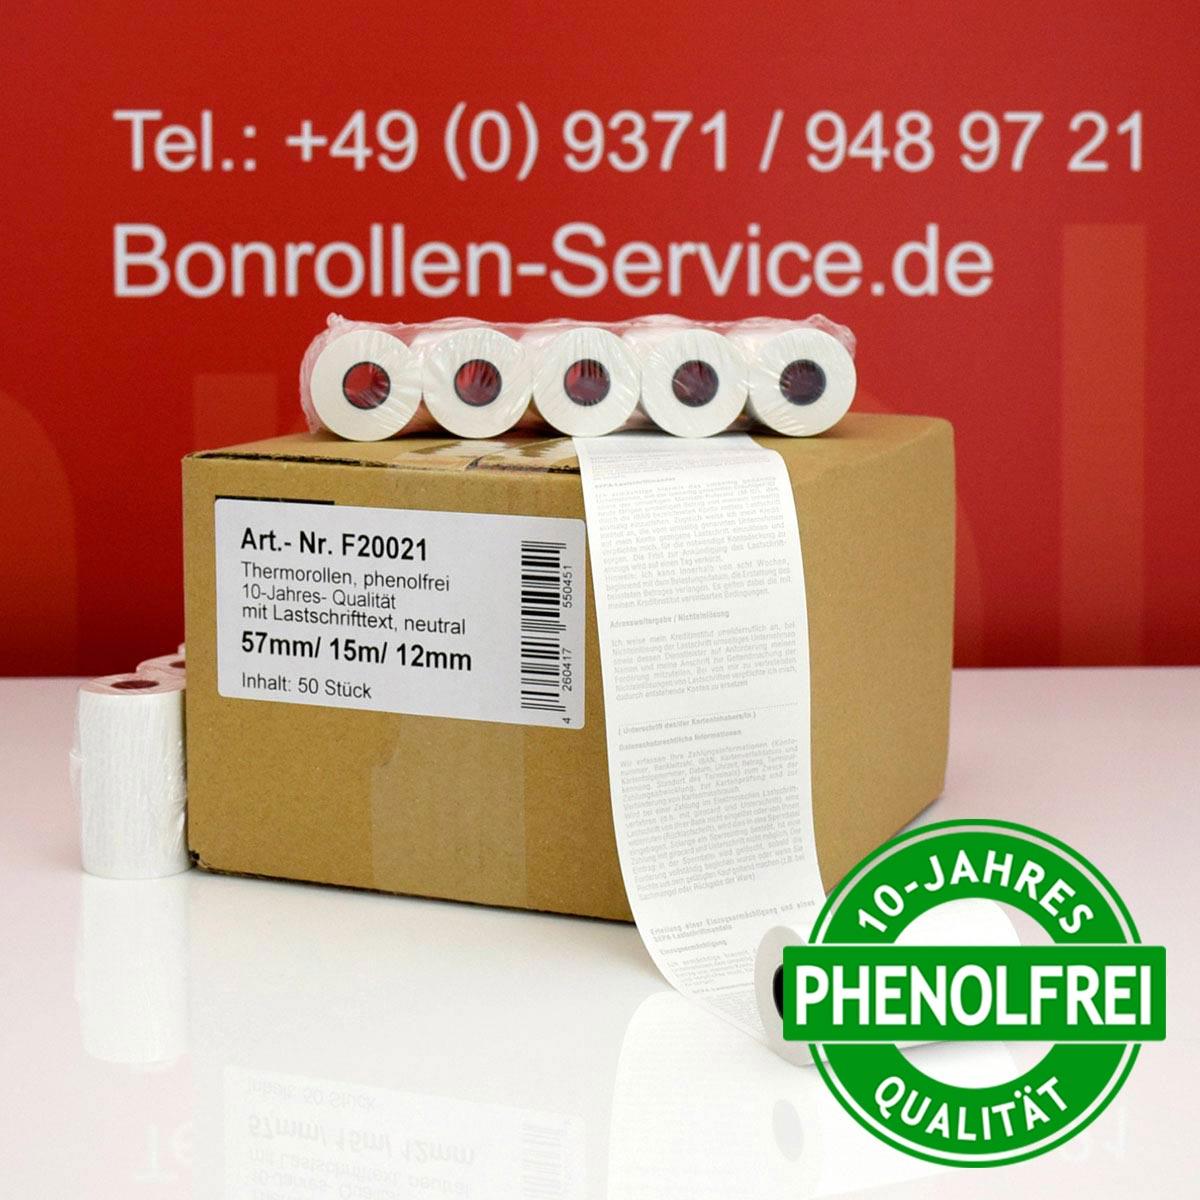 Kurze EC-Thermorollen 57 / 15m / 12 weiß mit SEPA-Text (10-Jahres-Qualität, phenolfrei)